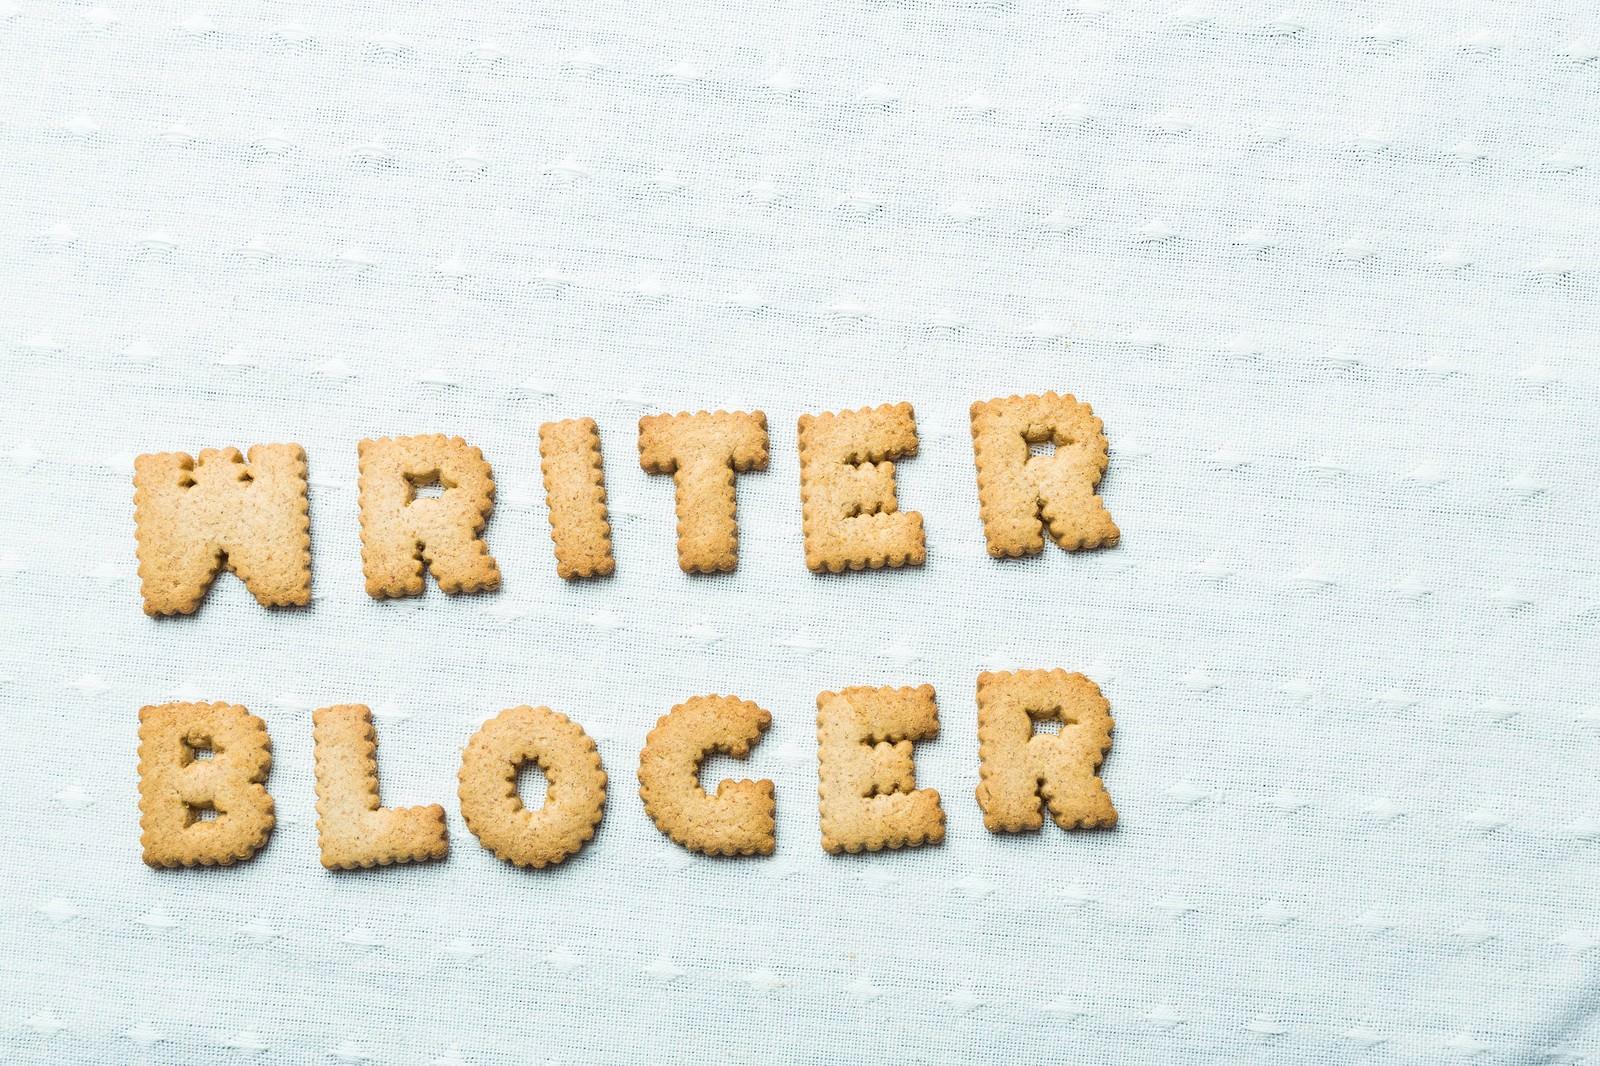 「WRITER、BLOGERと並べられたクッキー」の写真